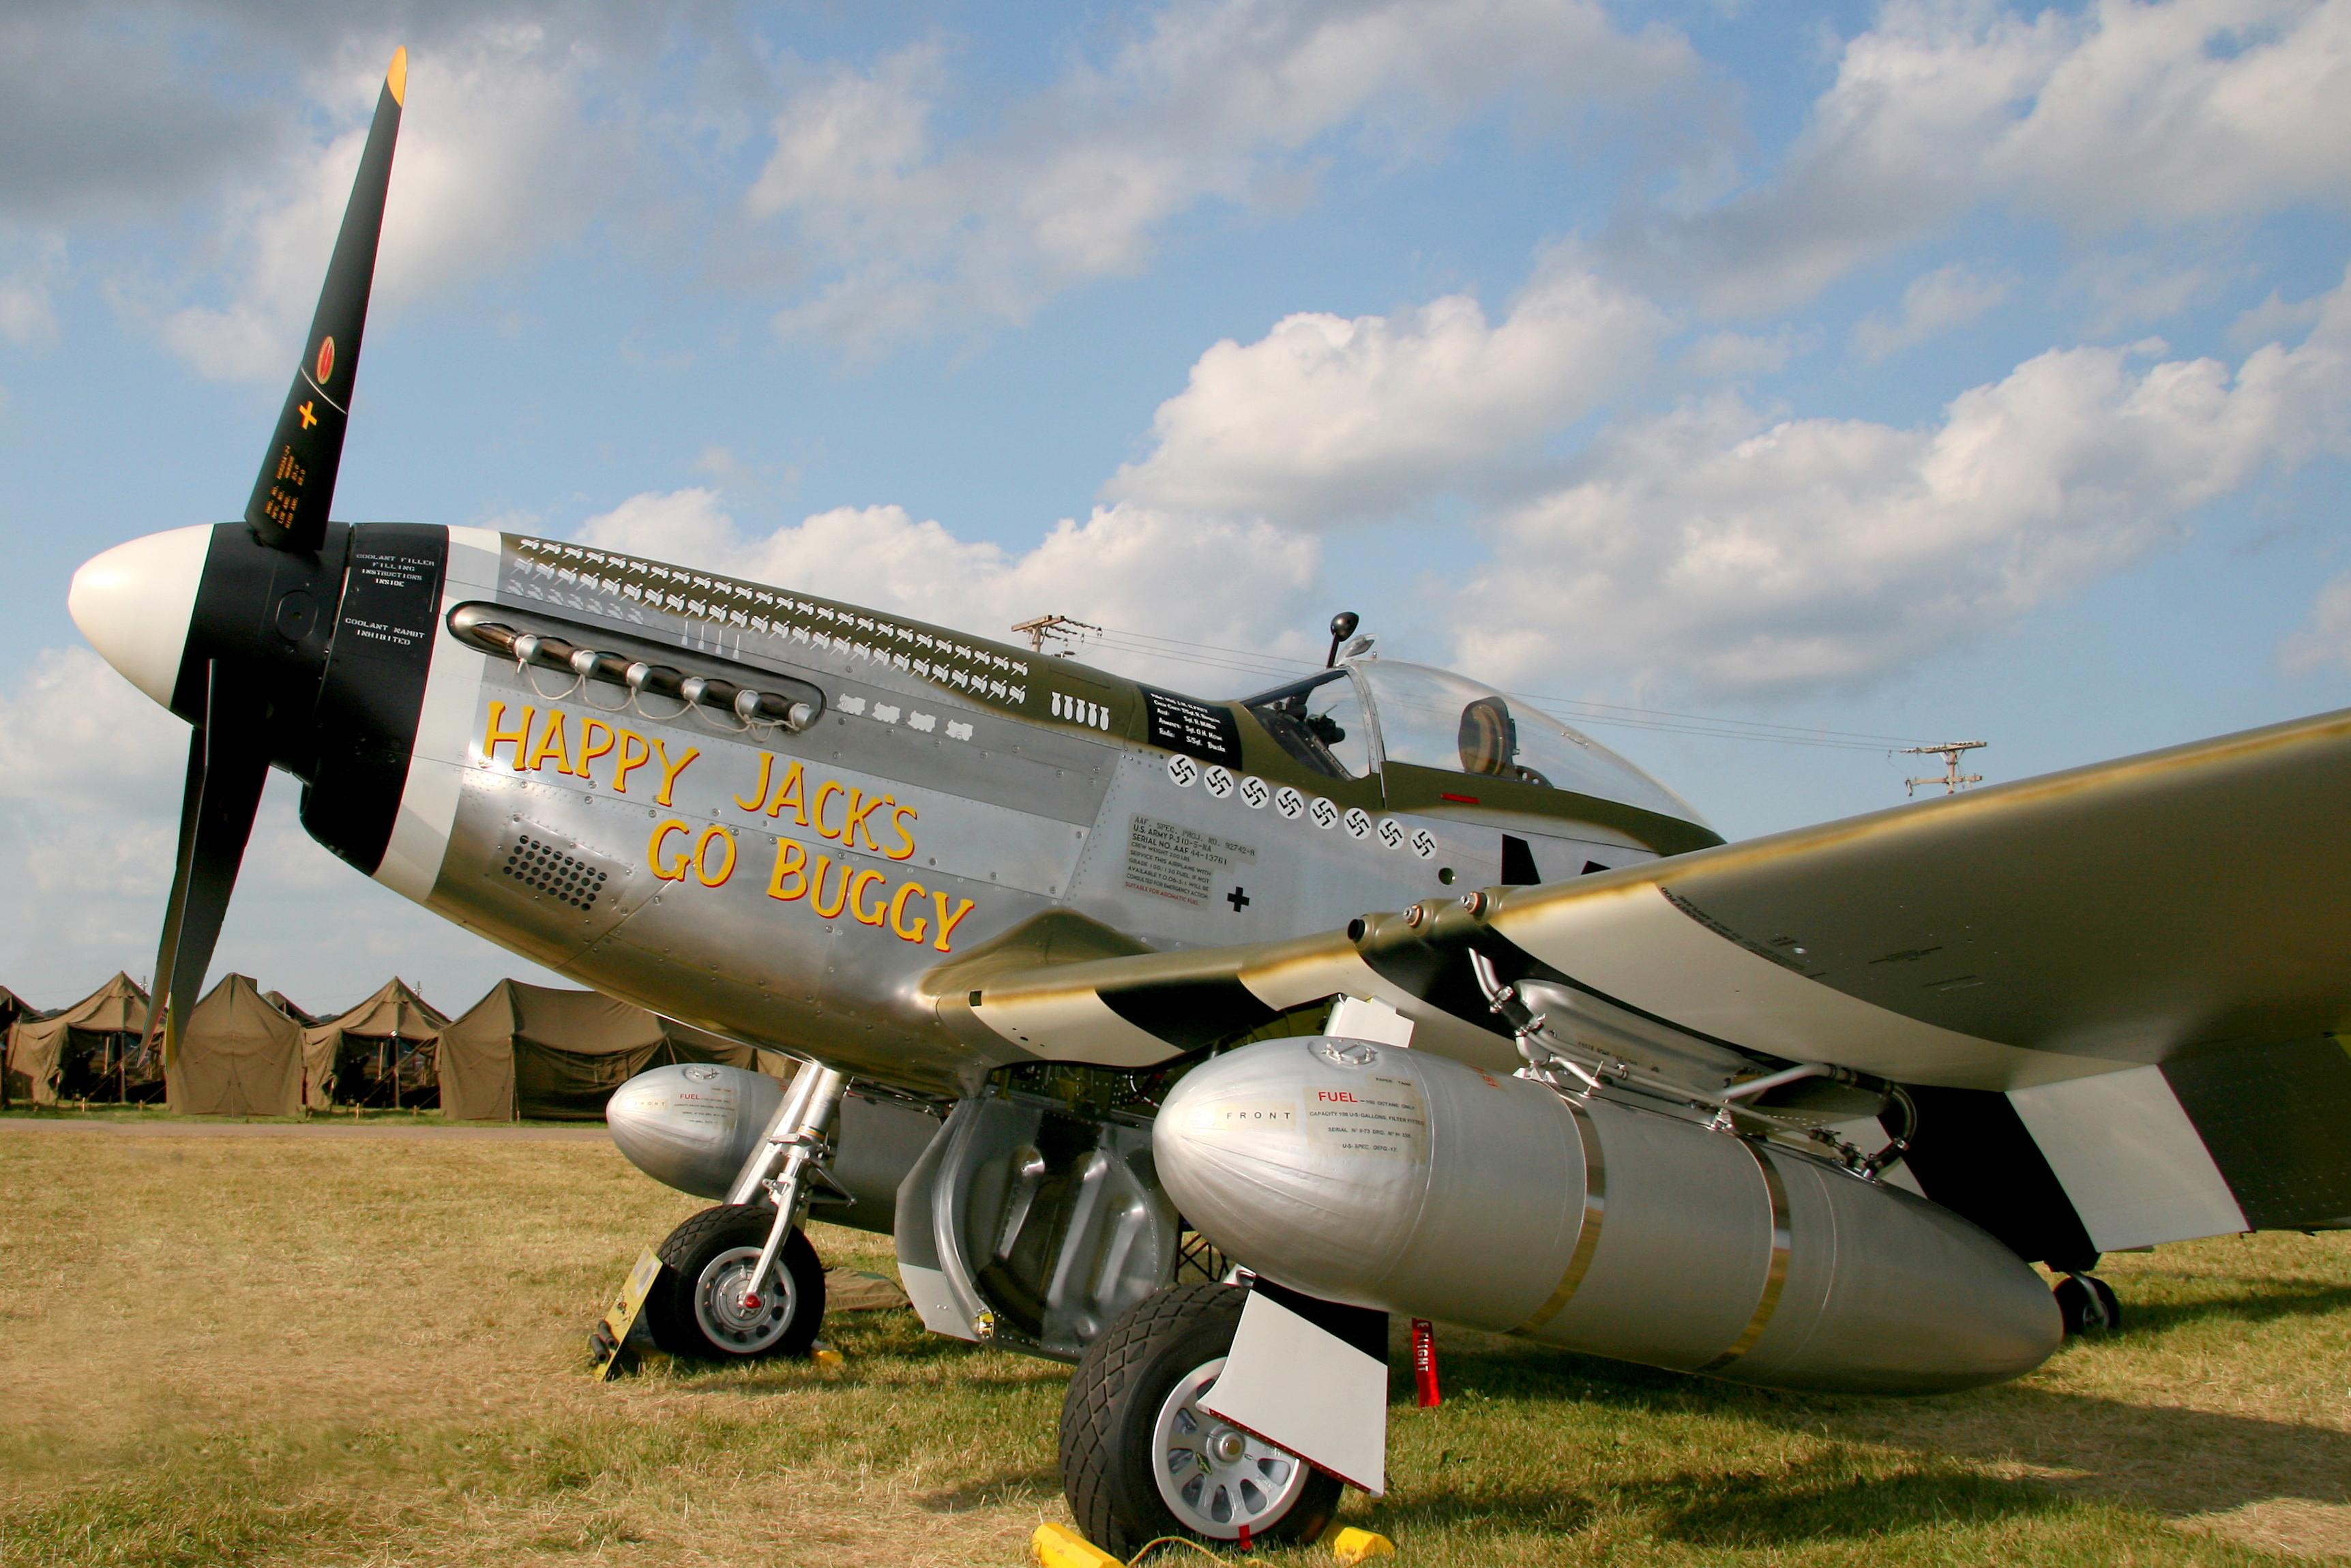 P-51D_Mustang_Happy_Jack%27s_Go_Buggy_2008.jpg